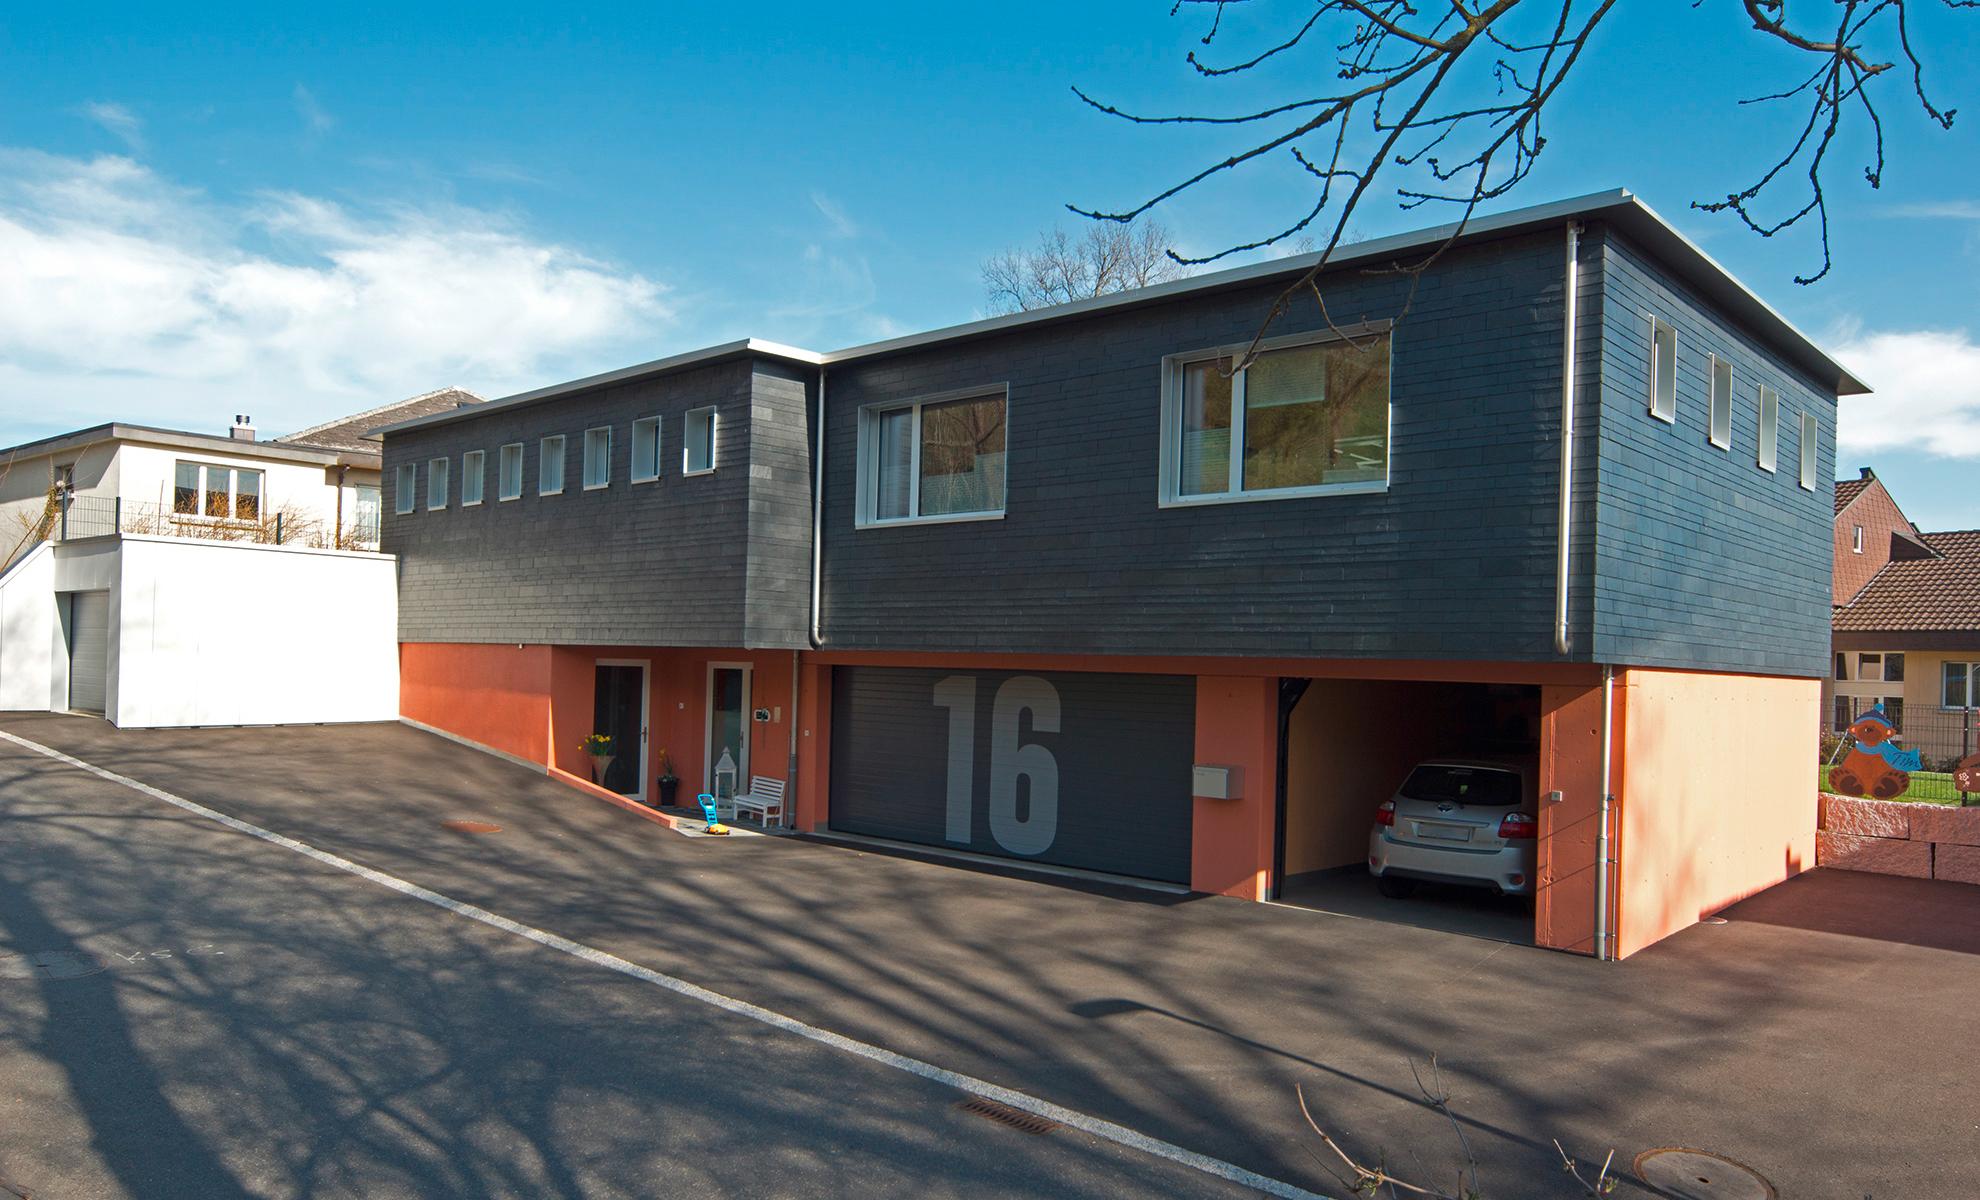 Efh bergstrasse sch rer architekten gmbh for Architekten schweiz